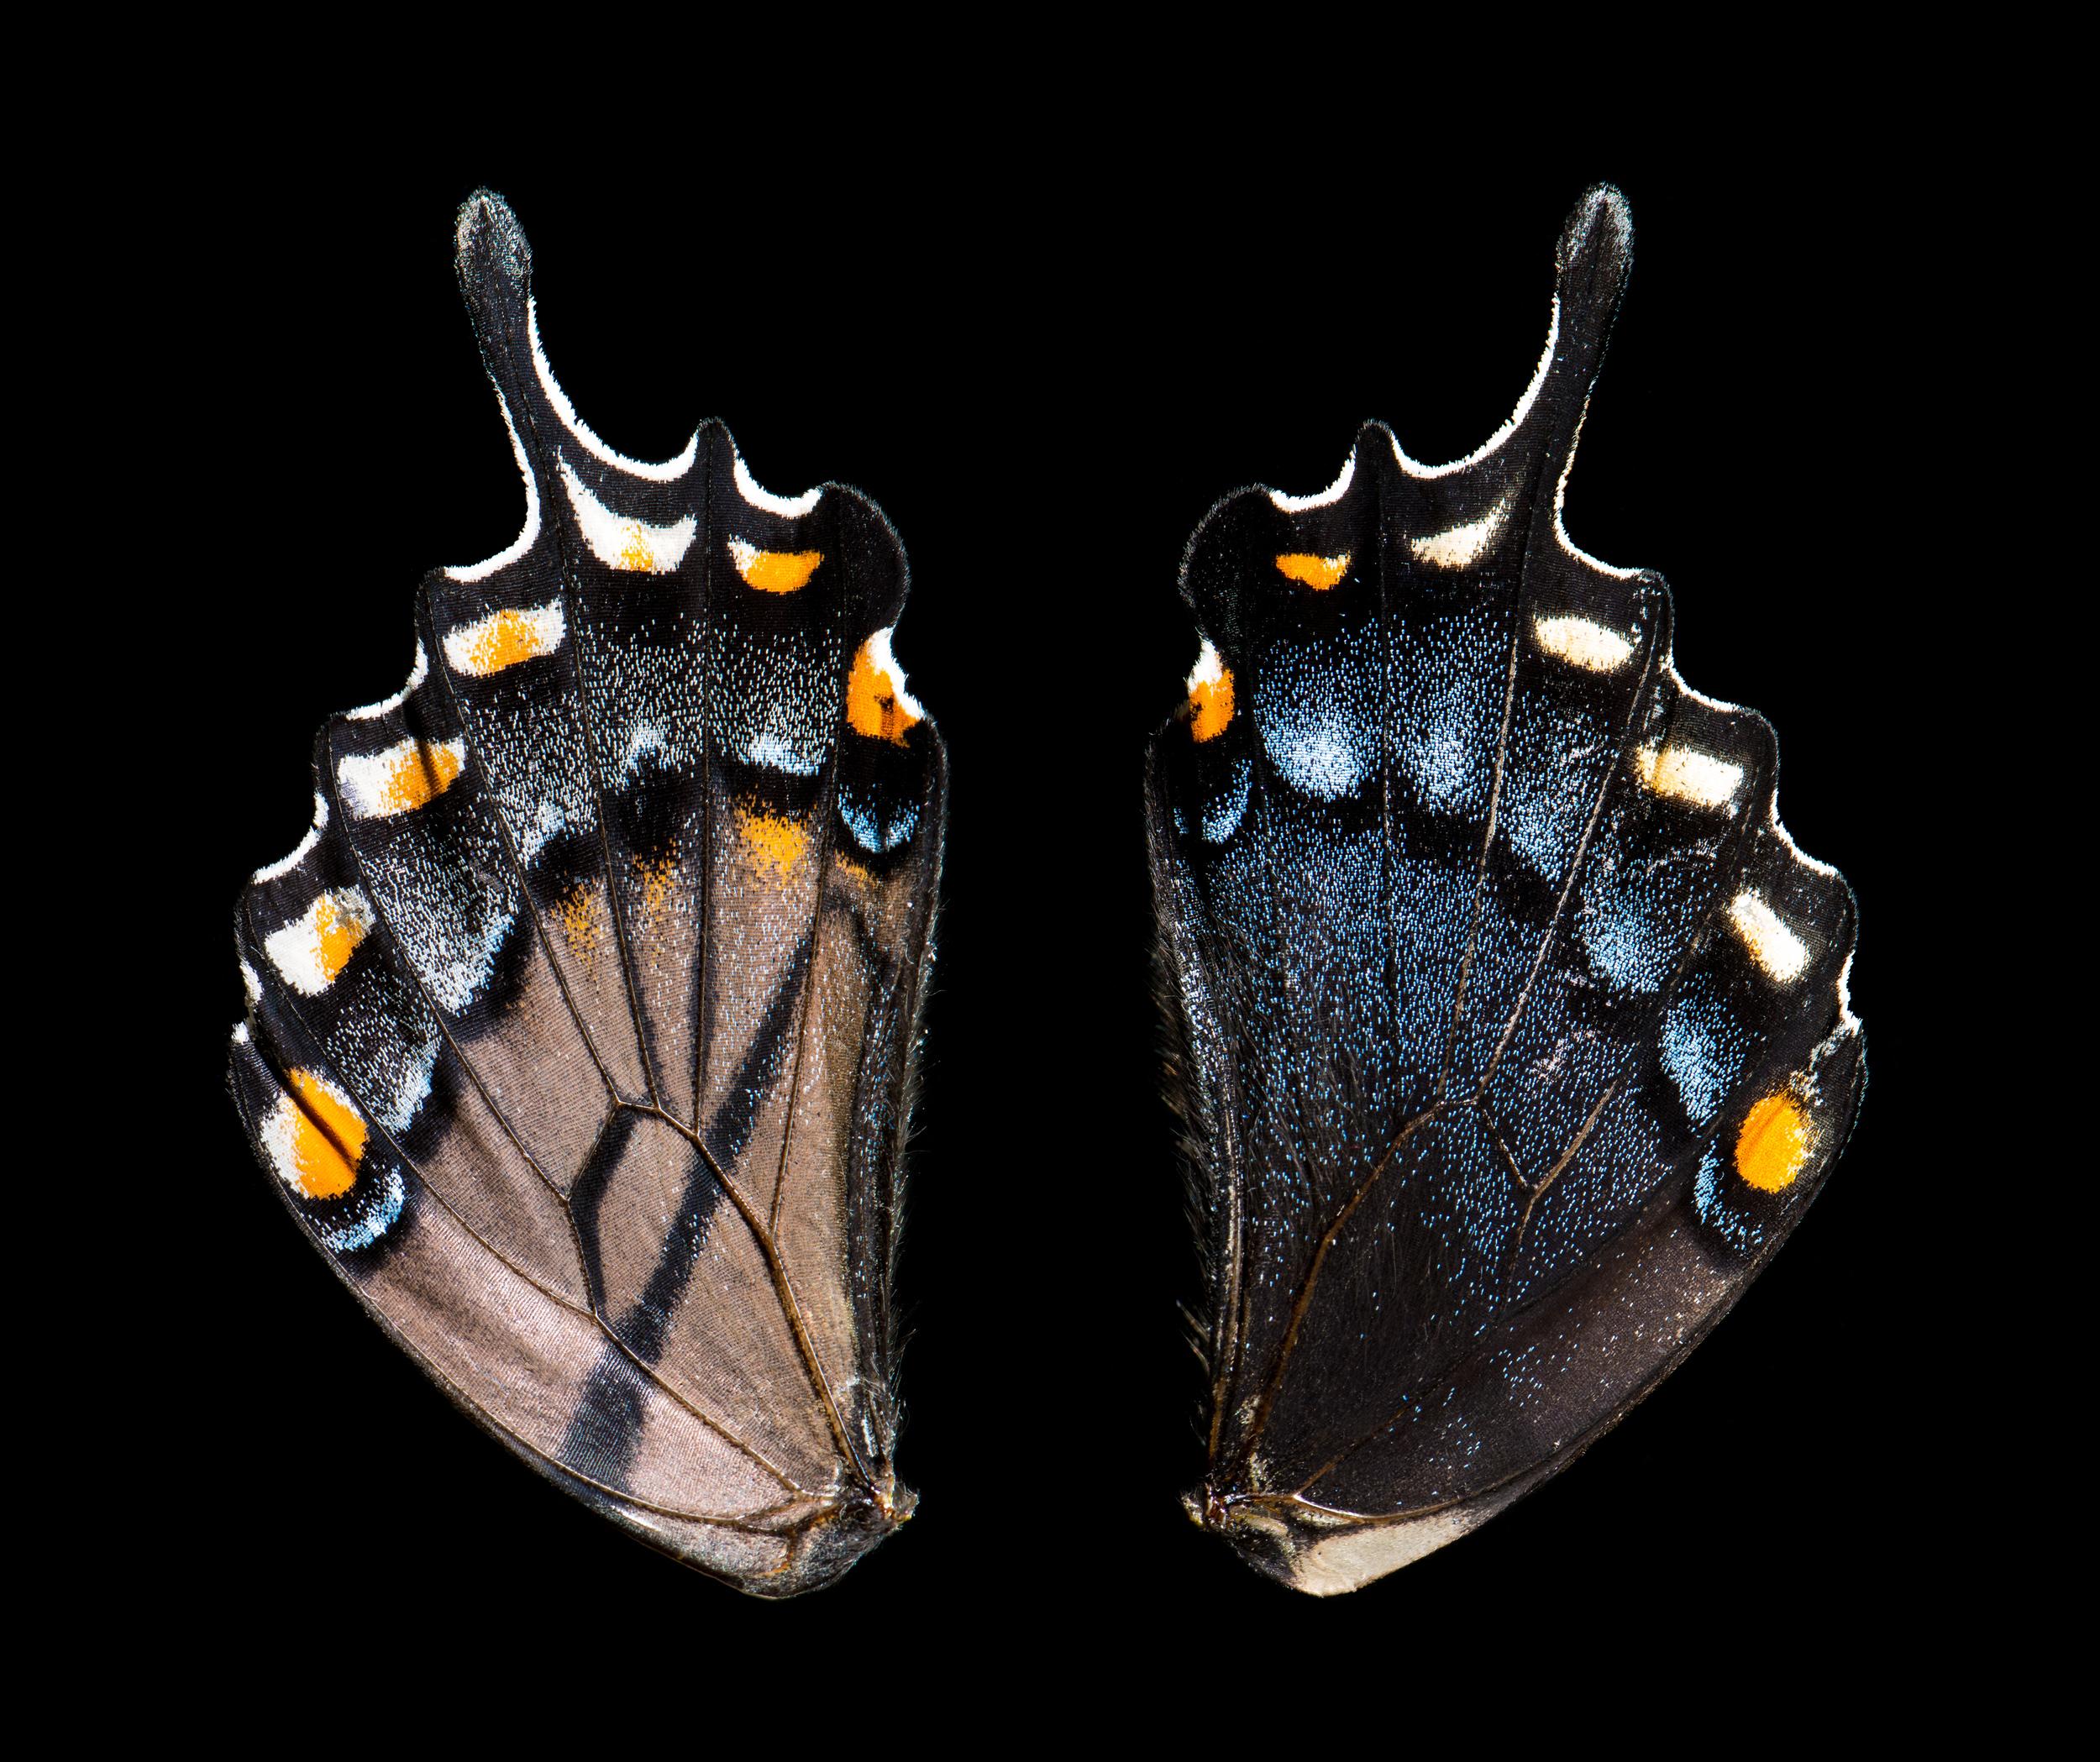 butterflywings-tumblr.jpg